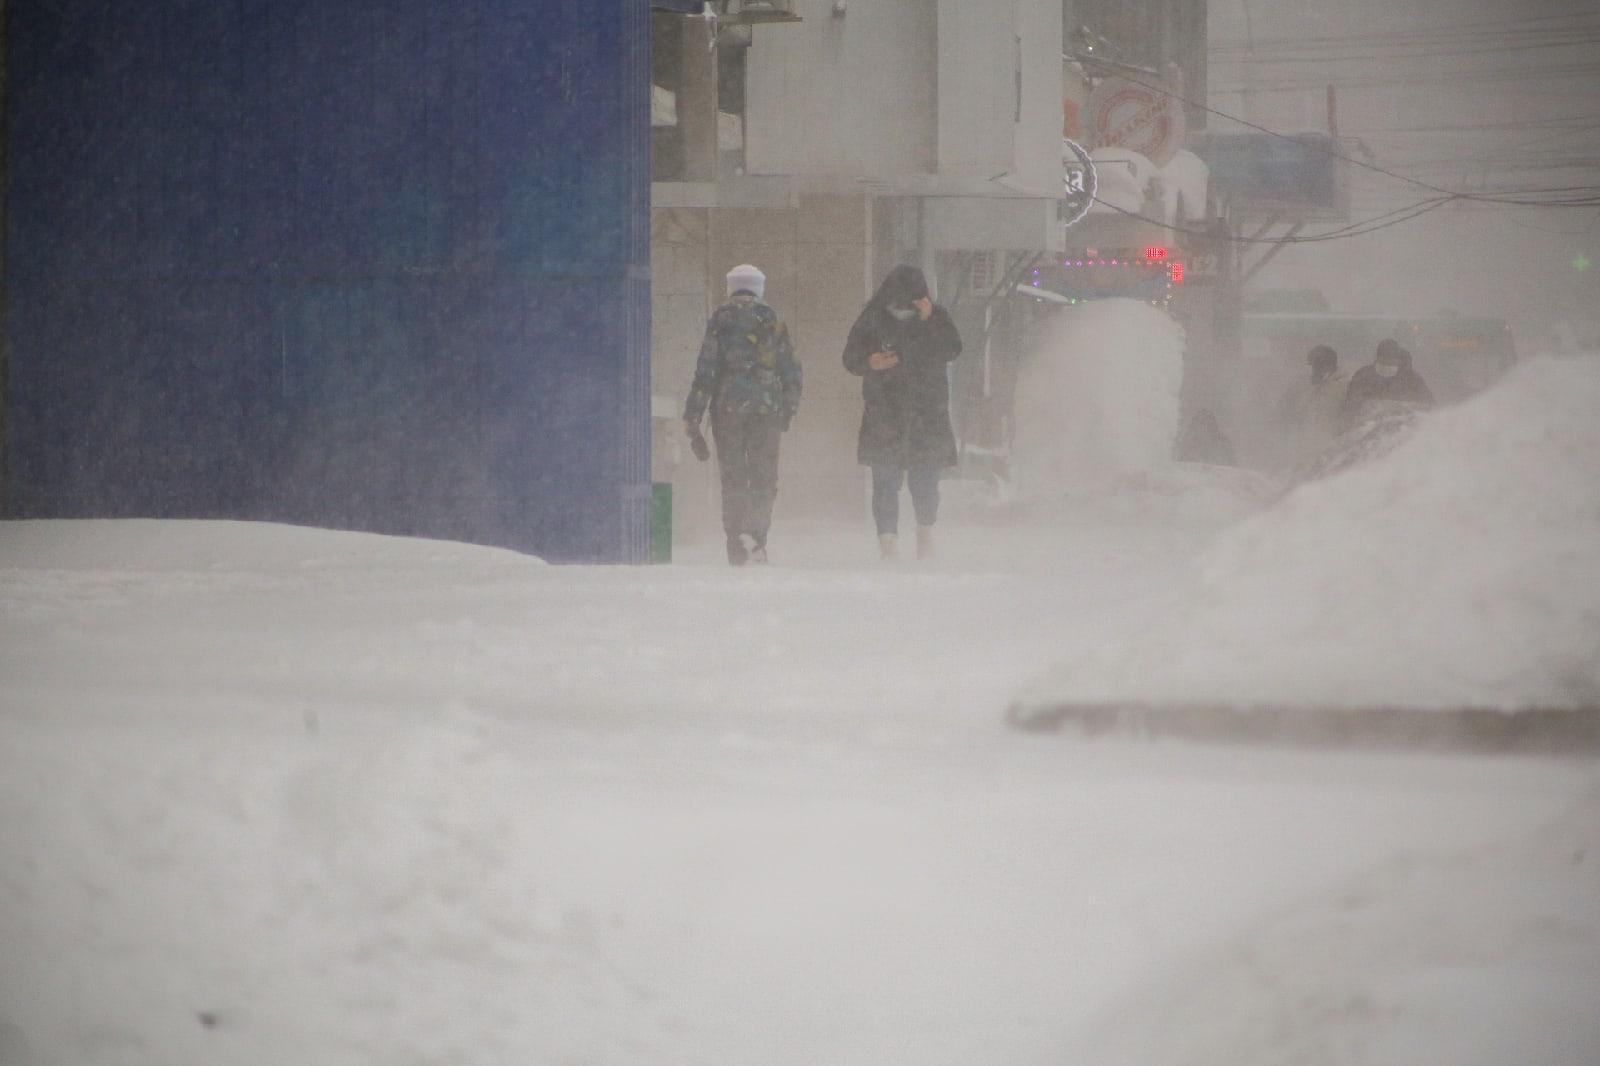 фото Новосибирск накрыла ледяная буря: 10 фото из снежного плена 10